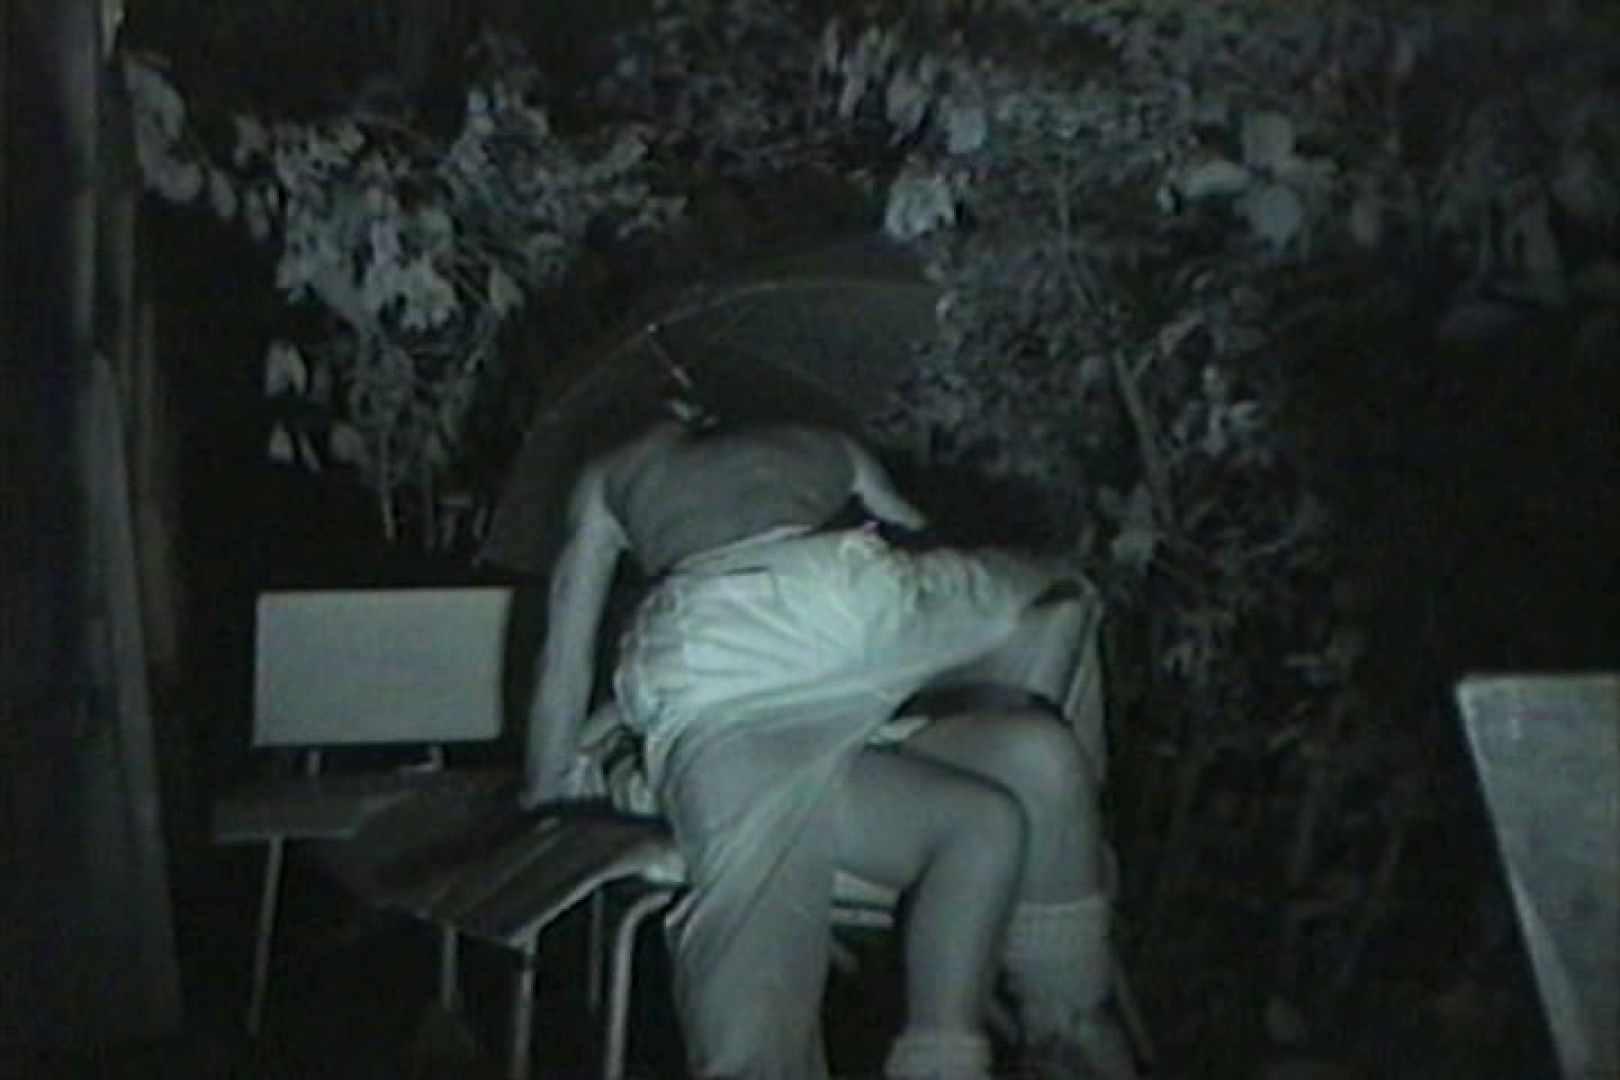 闇の仕掛け人 無修正版 Vol.25 美しいOLの裸体  102pic 102